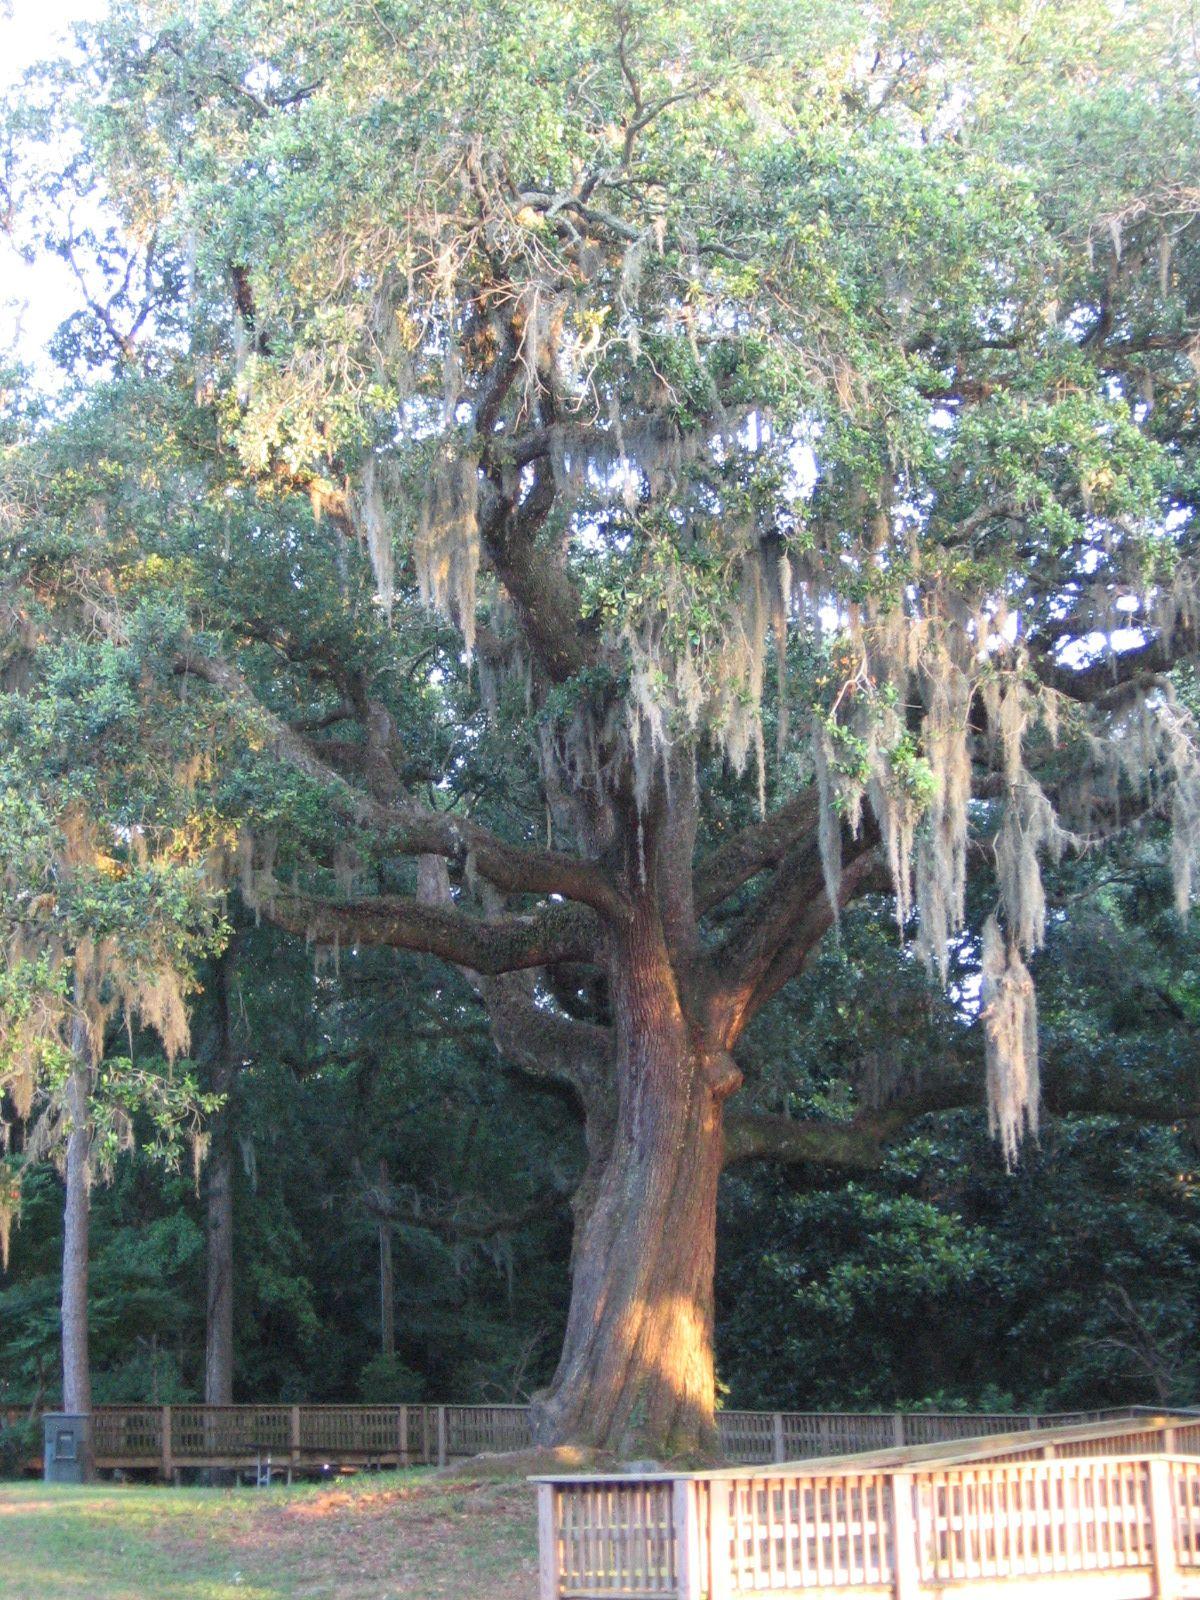 Beautiful 100 yr Old Oak Tree in Alabama